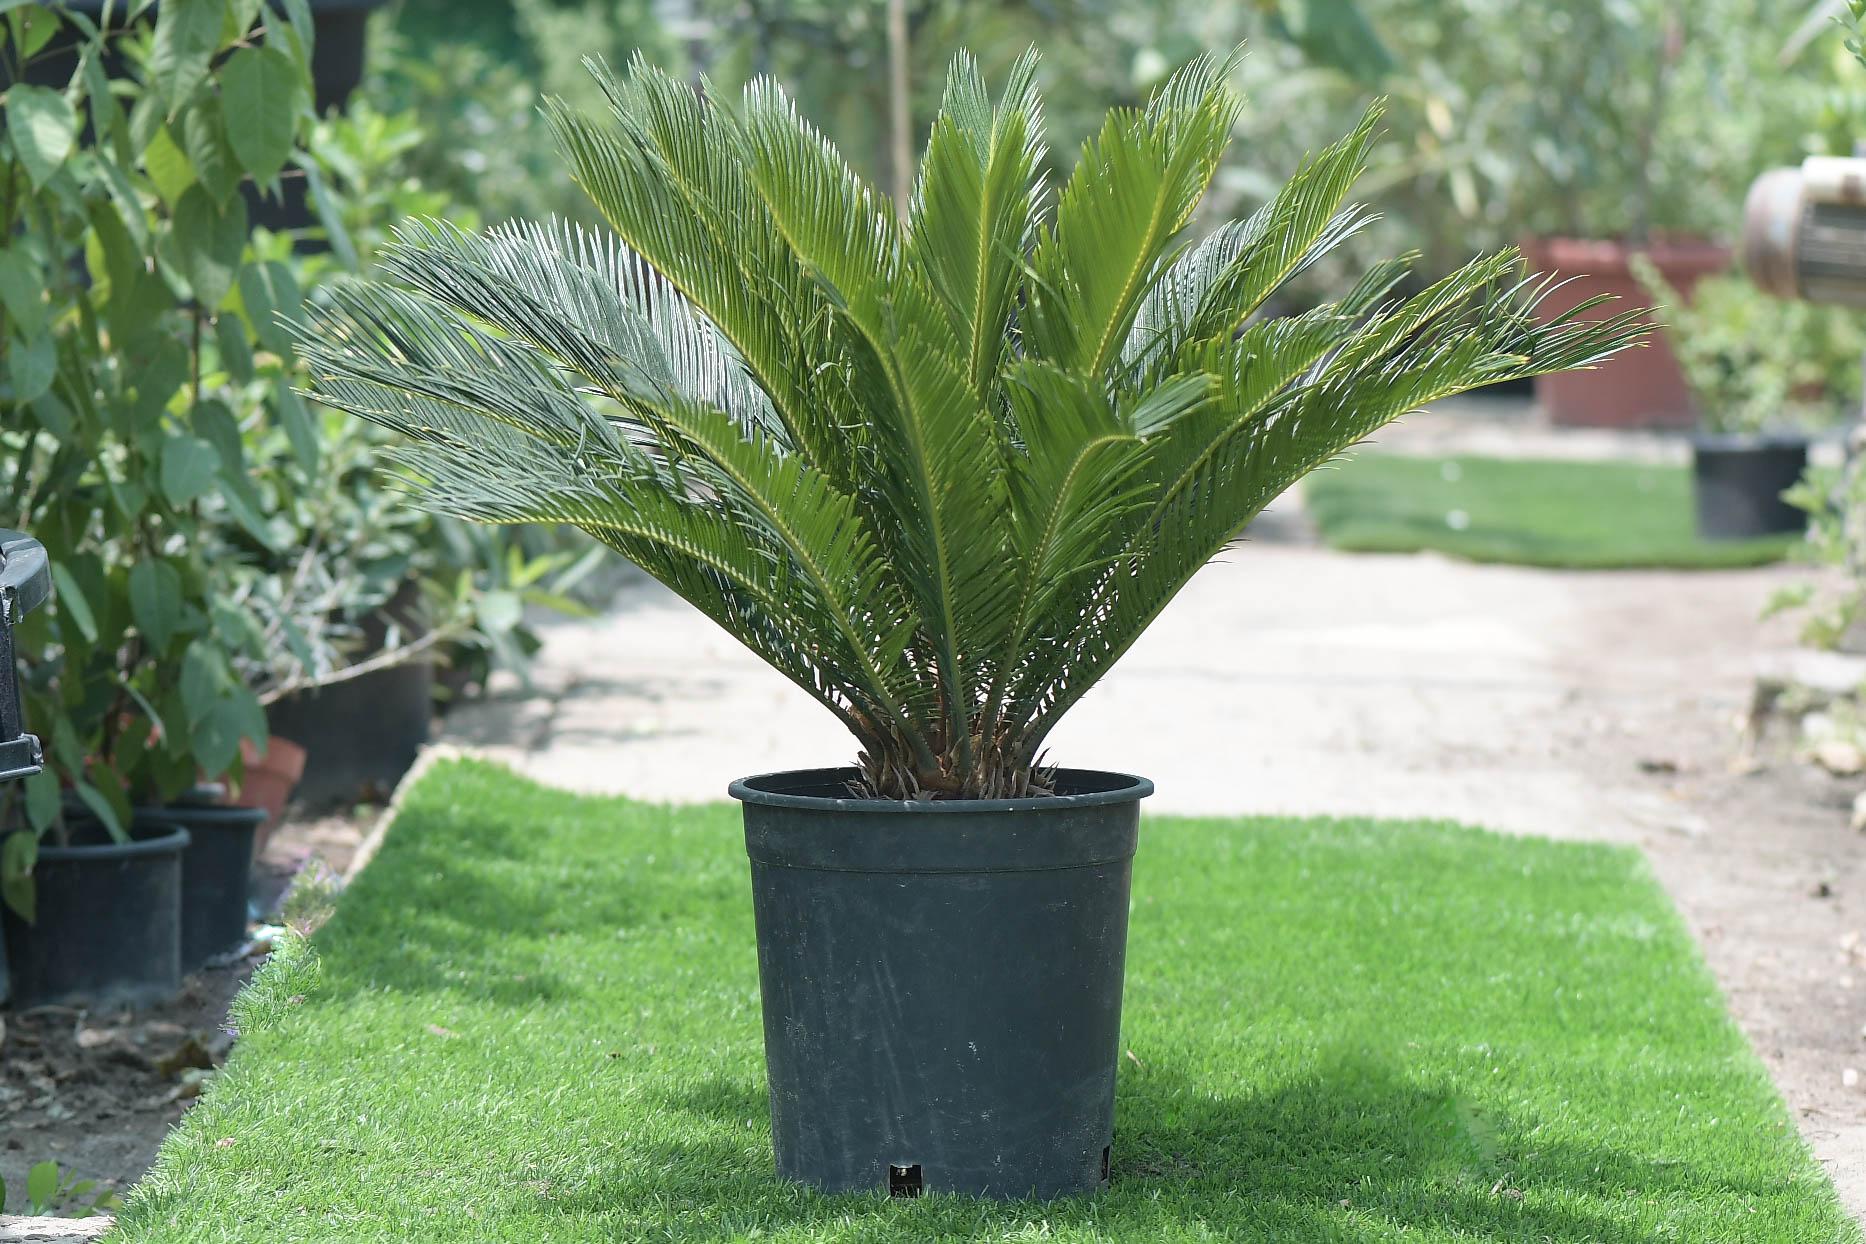 سيكاس ريفولوتا نباتات خارجية